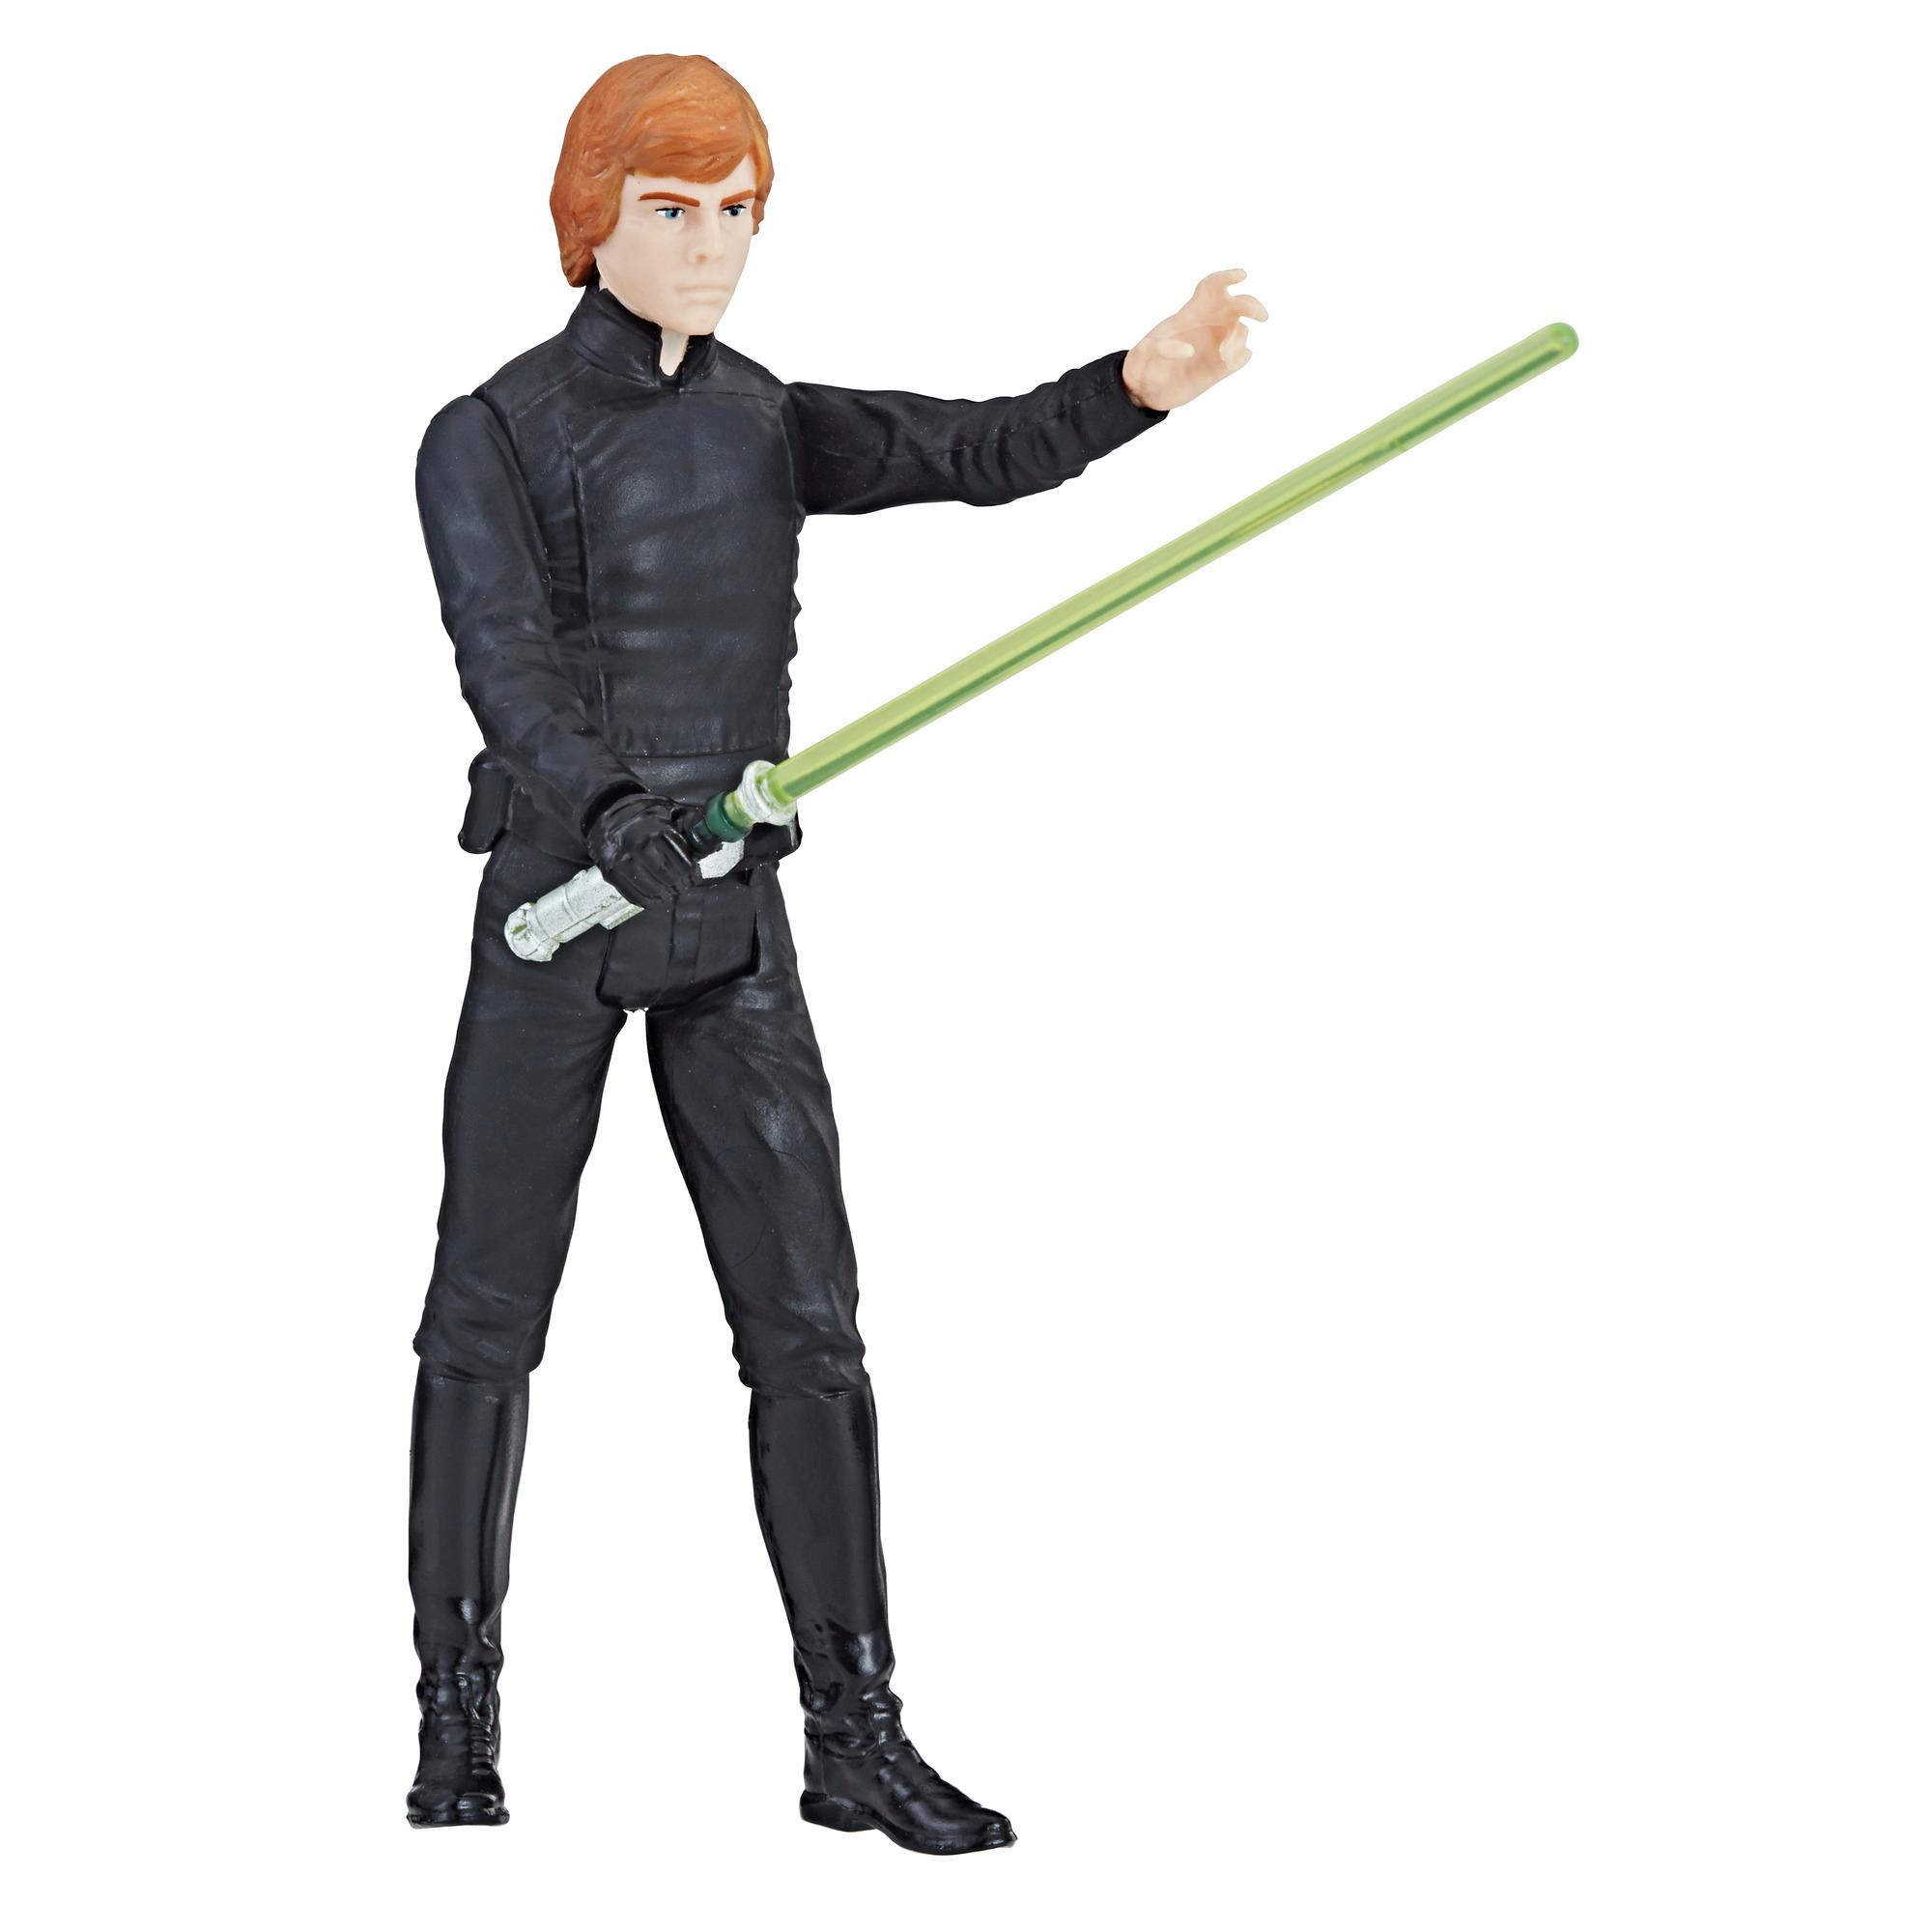 Star Wars Force Link 2.0 - Figurine Luke Skywalker